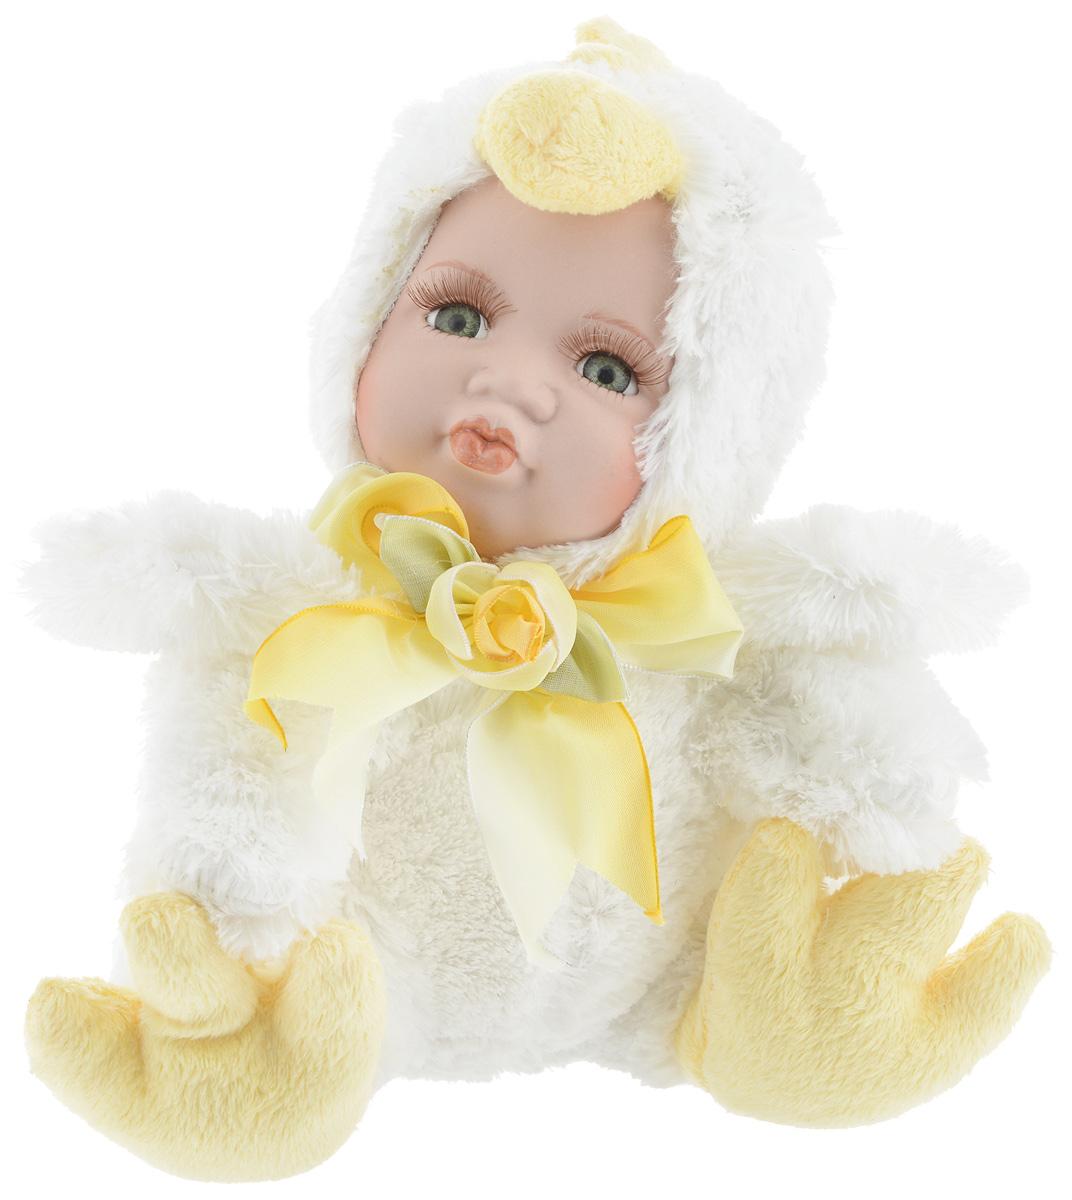 Фигурка ESTRO Ребенок в костюме цыпленка, цвет: белый, желтый, высота 22 смSM-20AДекоративная фигурка Ребенок в костюме цыпленка изготовлена из высококачественных материалов в оригинальном стиле. Фигурка выполнена в виде ребенка в костюме цыпленка.Уютнаяи милая интерьерная игрушка предназначена для взрослых и детей, для игр и украшения новогодней елки, да и просто, для создания праздничной атмосферыв интерьере! Фигурка прекрасно украсит ваш дом к празднику, а в остальные дни с ней с удовольствием будут играть дети. Оригинальный дизайн и красочное исполнение создадут праздничное настроение. Фигурка создана вручную, неповторима и оригинальна. Порадуйте своих друзей и близких этим замечательным подарком!